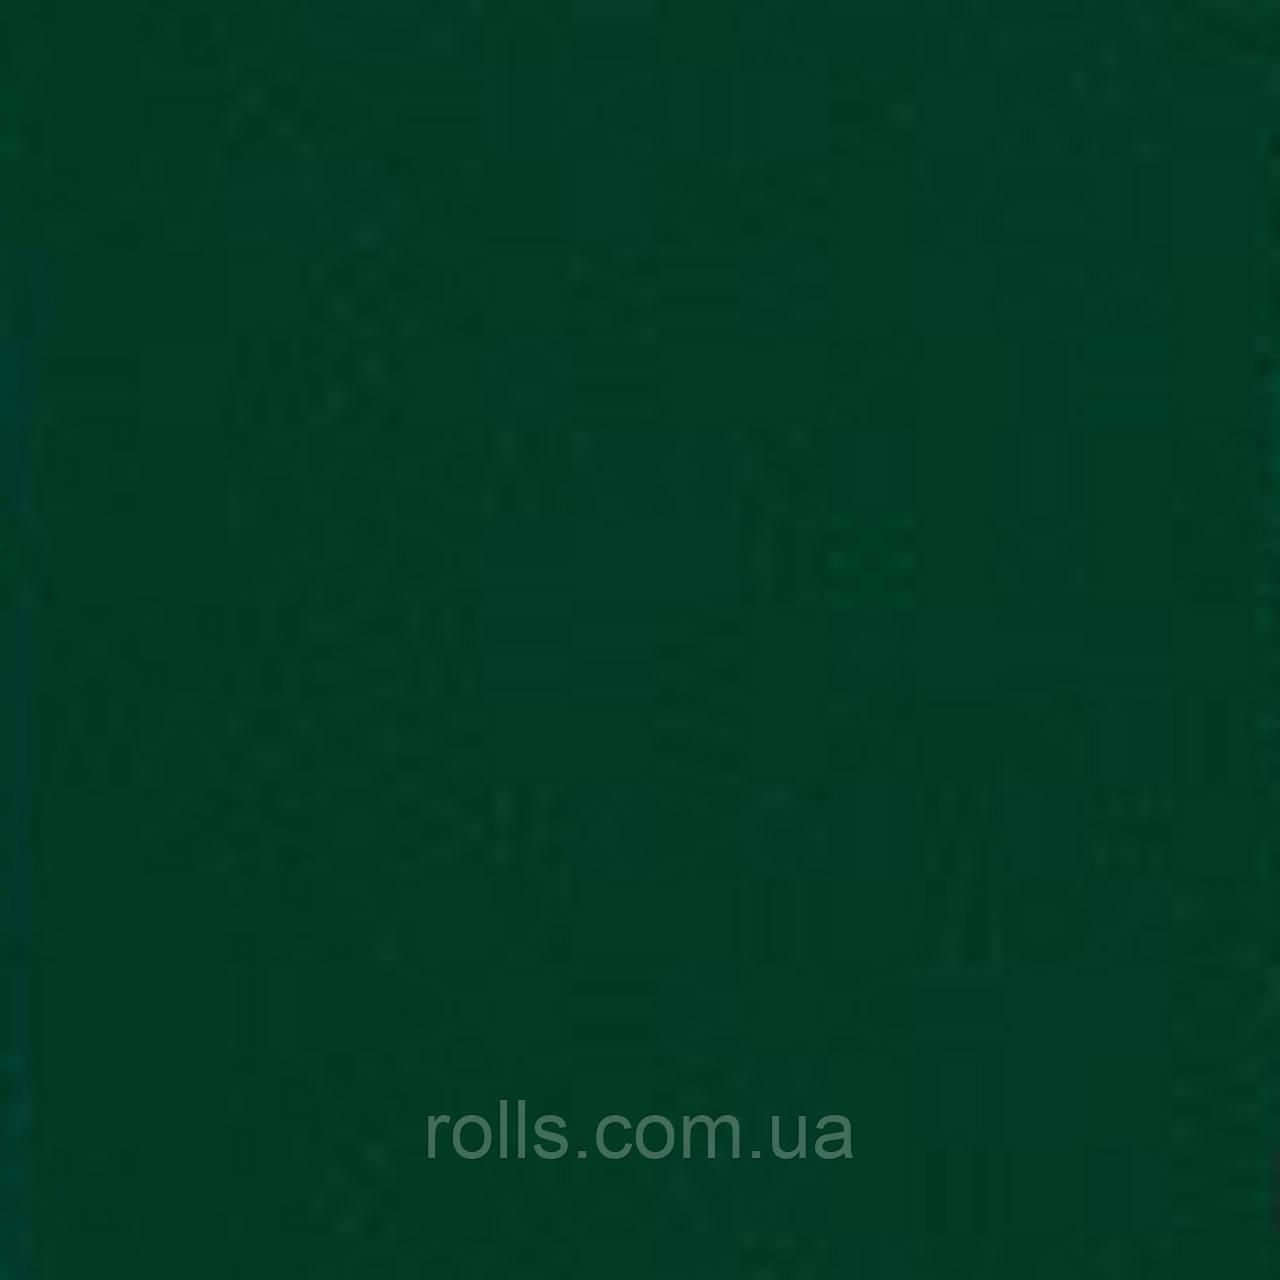 """Лист плоский алюминиевый PREFALZ Р.10 №06 MOOSGRÜN """"Зеленый мох"""" RAL6005 """"MOSS GREEN"""" 0,7х1000х2000мм"""